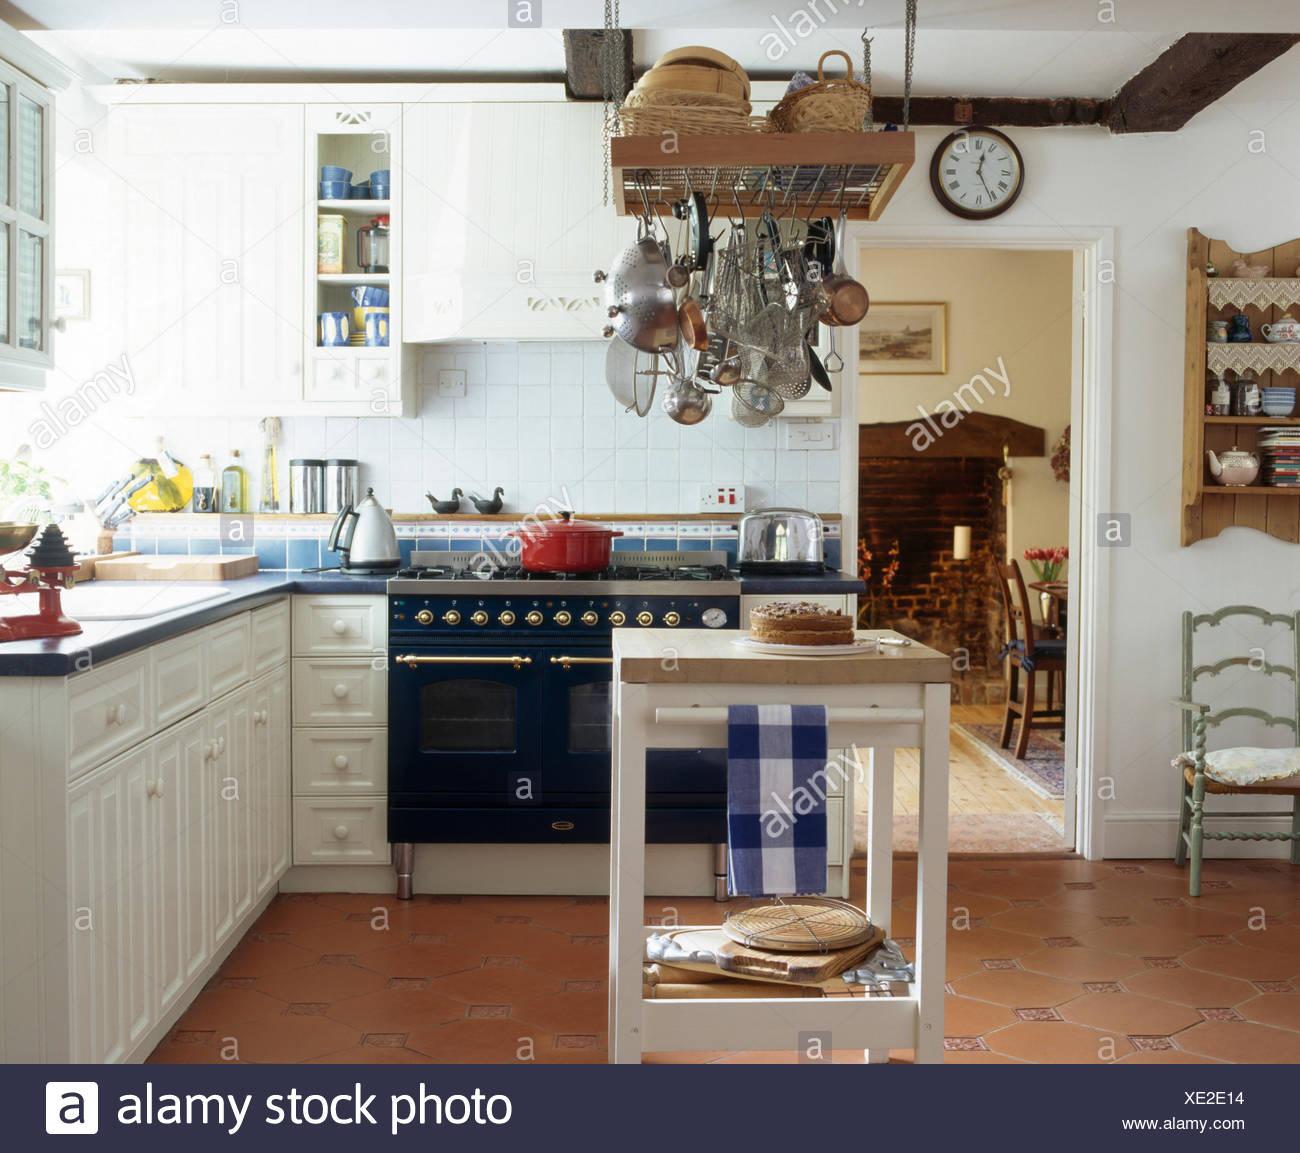 Wunderbar Kücheninsel Metzger Block Oben Zeitgenössisch - Küchen ...